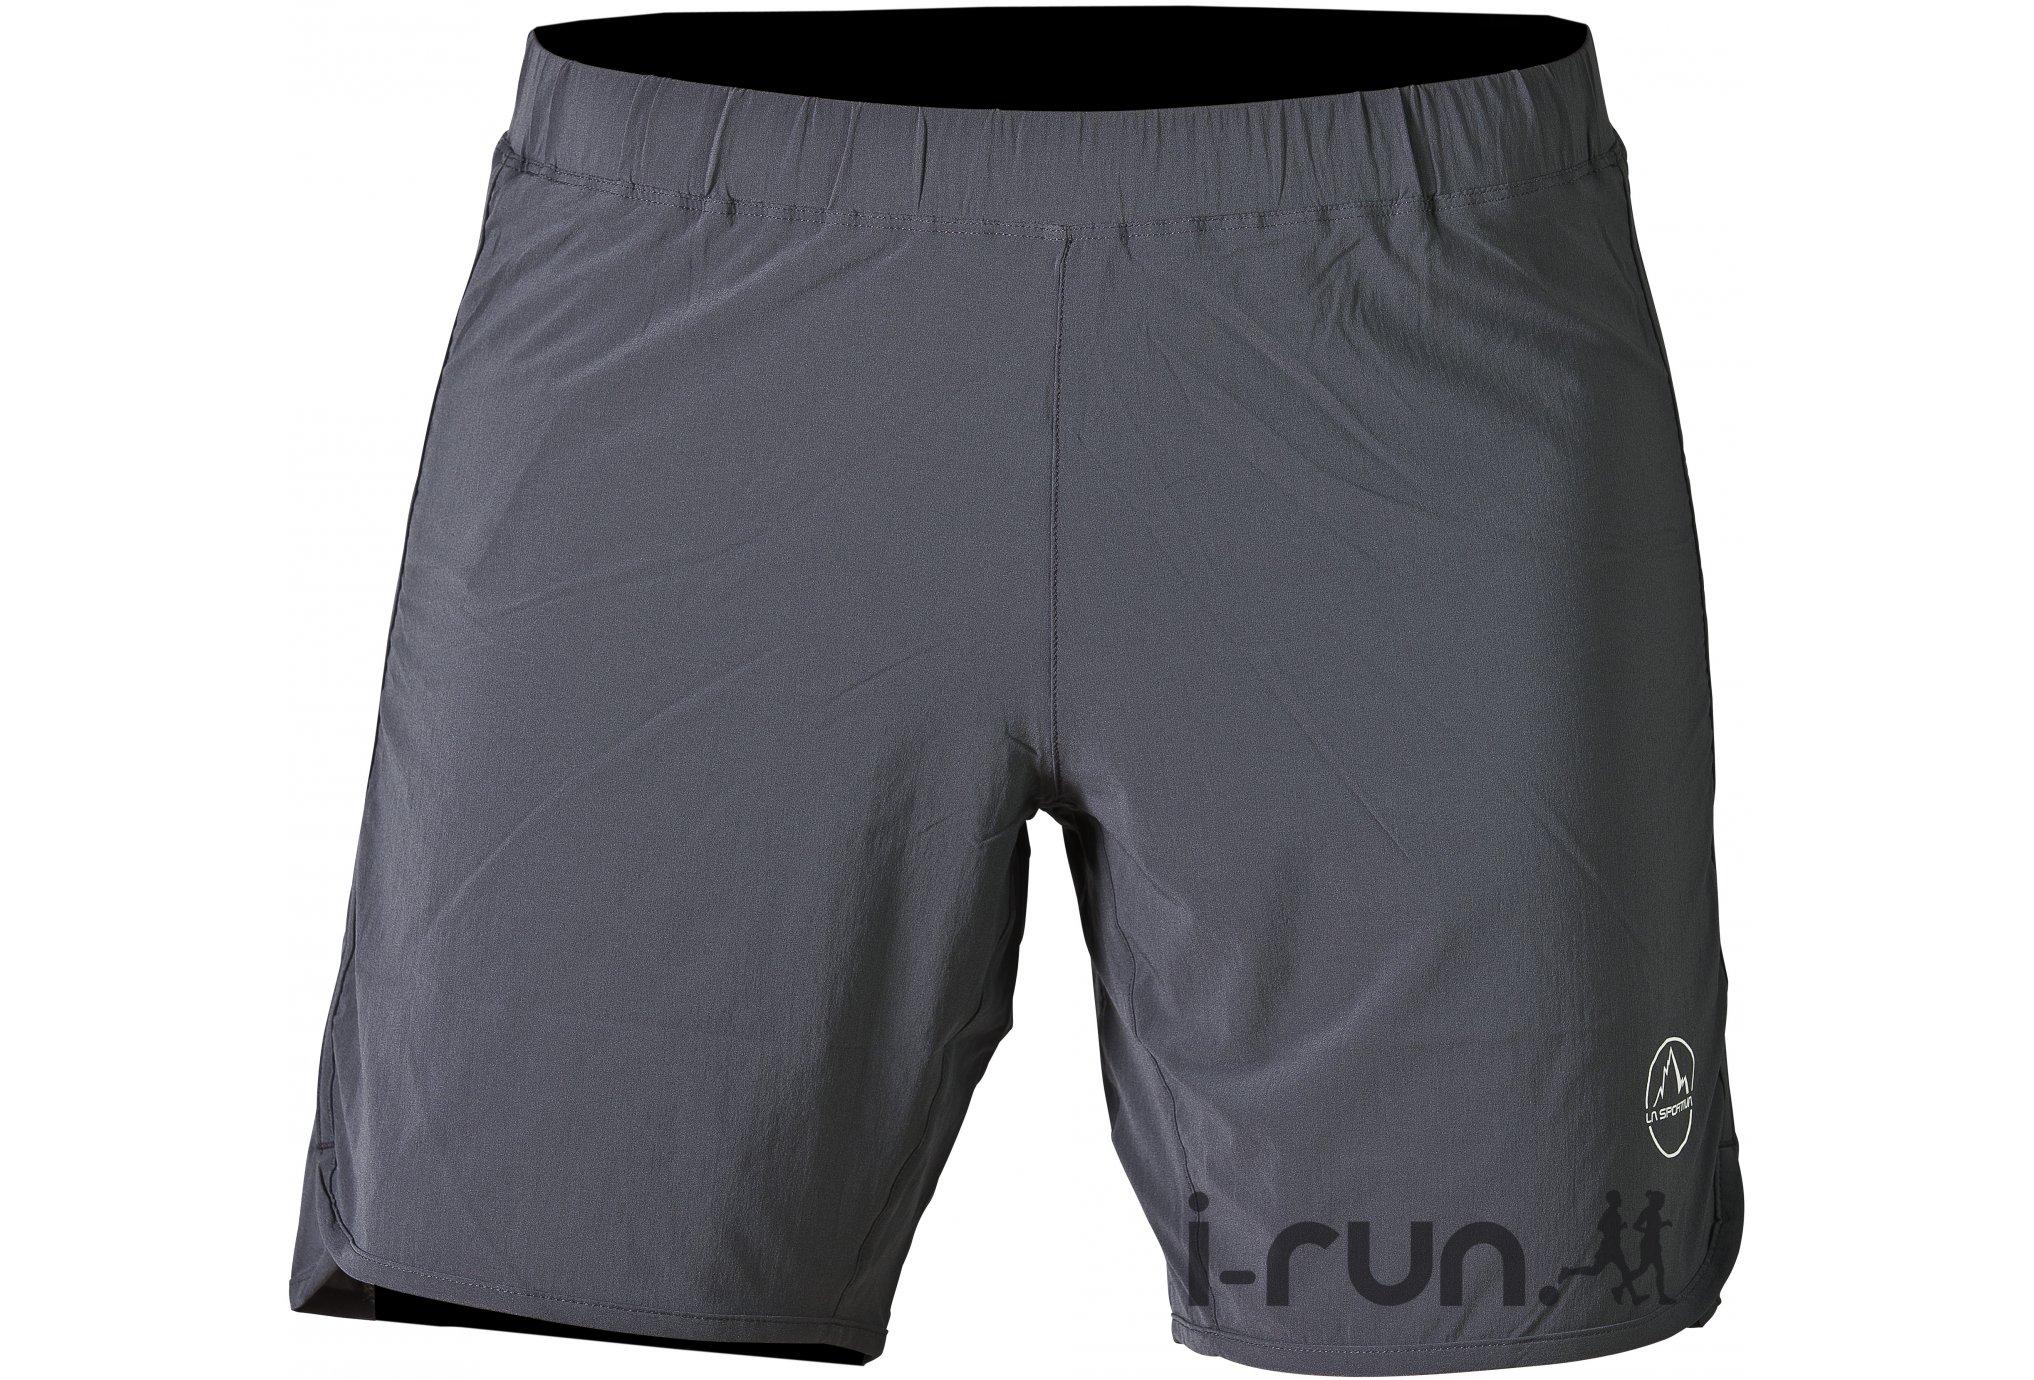 La Sportiva Short Gust M Diététique Vêtements homme